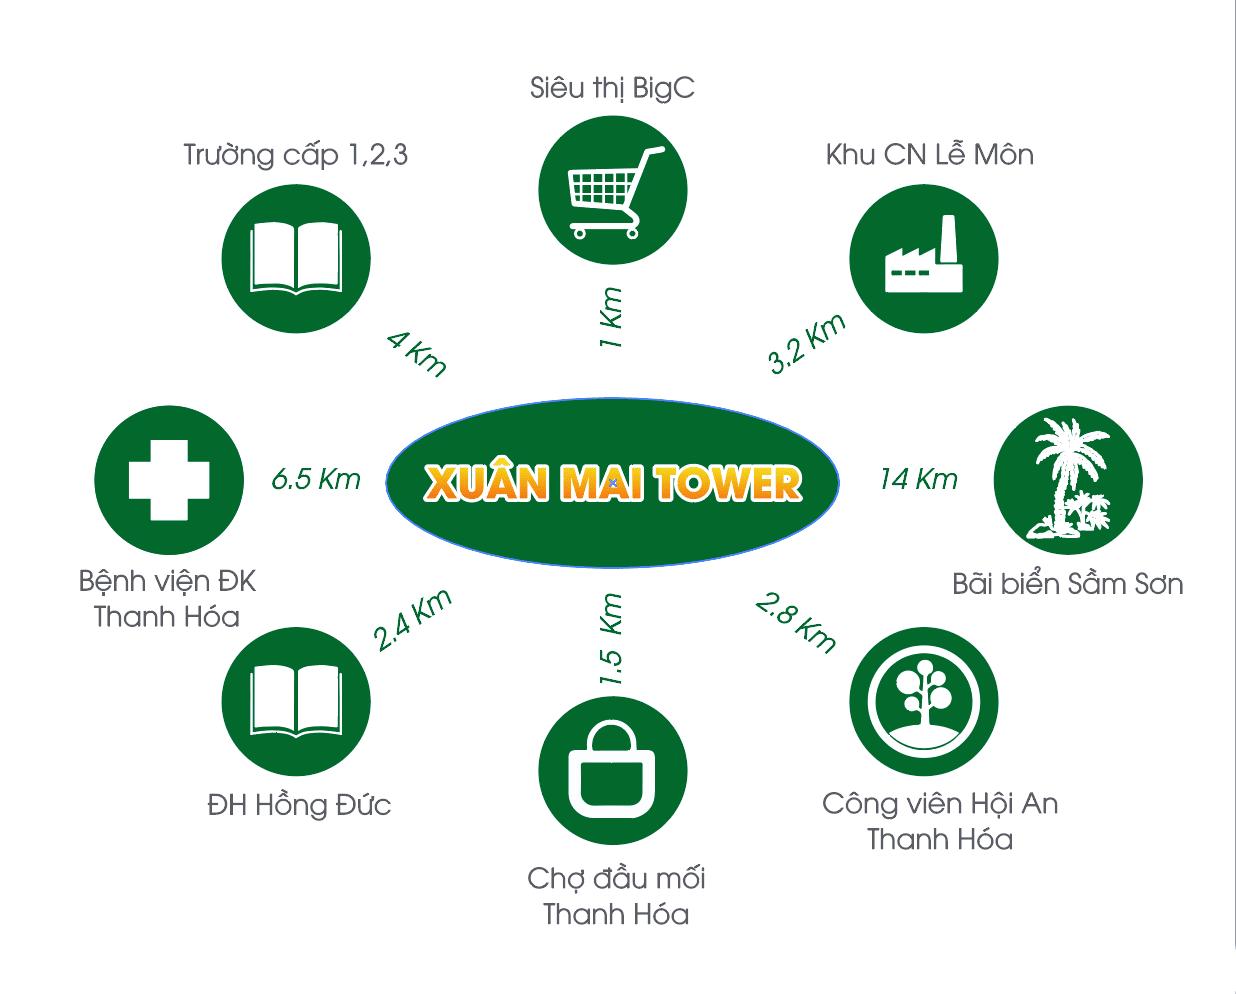 Liên kết vùng dự án Xuân Mai Thanh Hoá